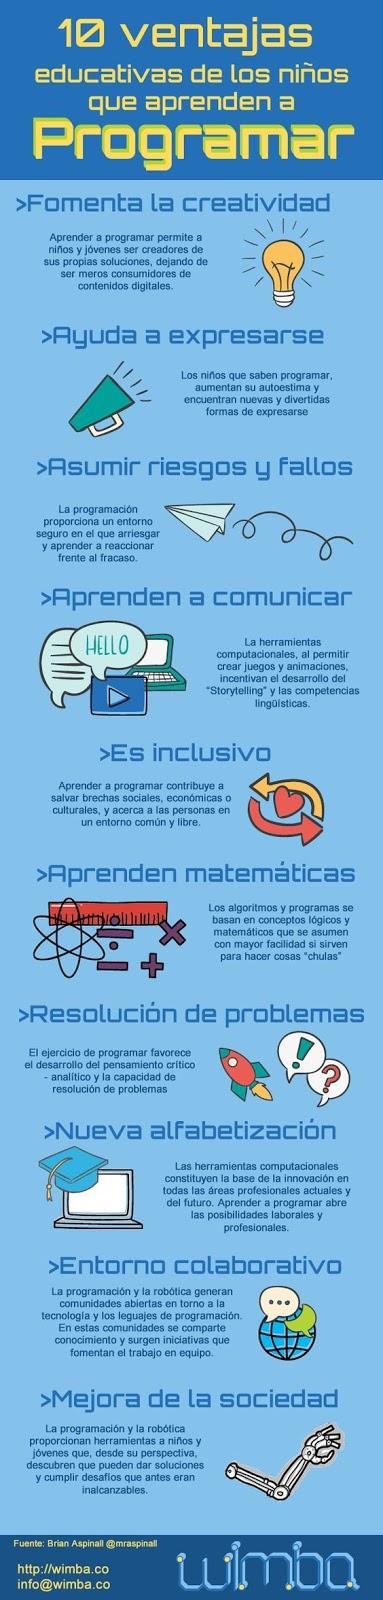 aprender-a-programar-ninos-jovenes-pensamiento-computacional-algoritmos-robotica-creatividad-arequipa-peru